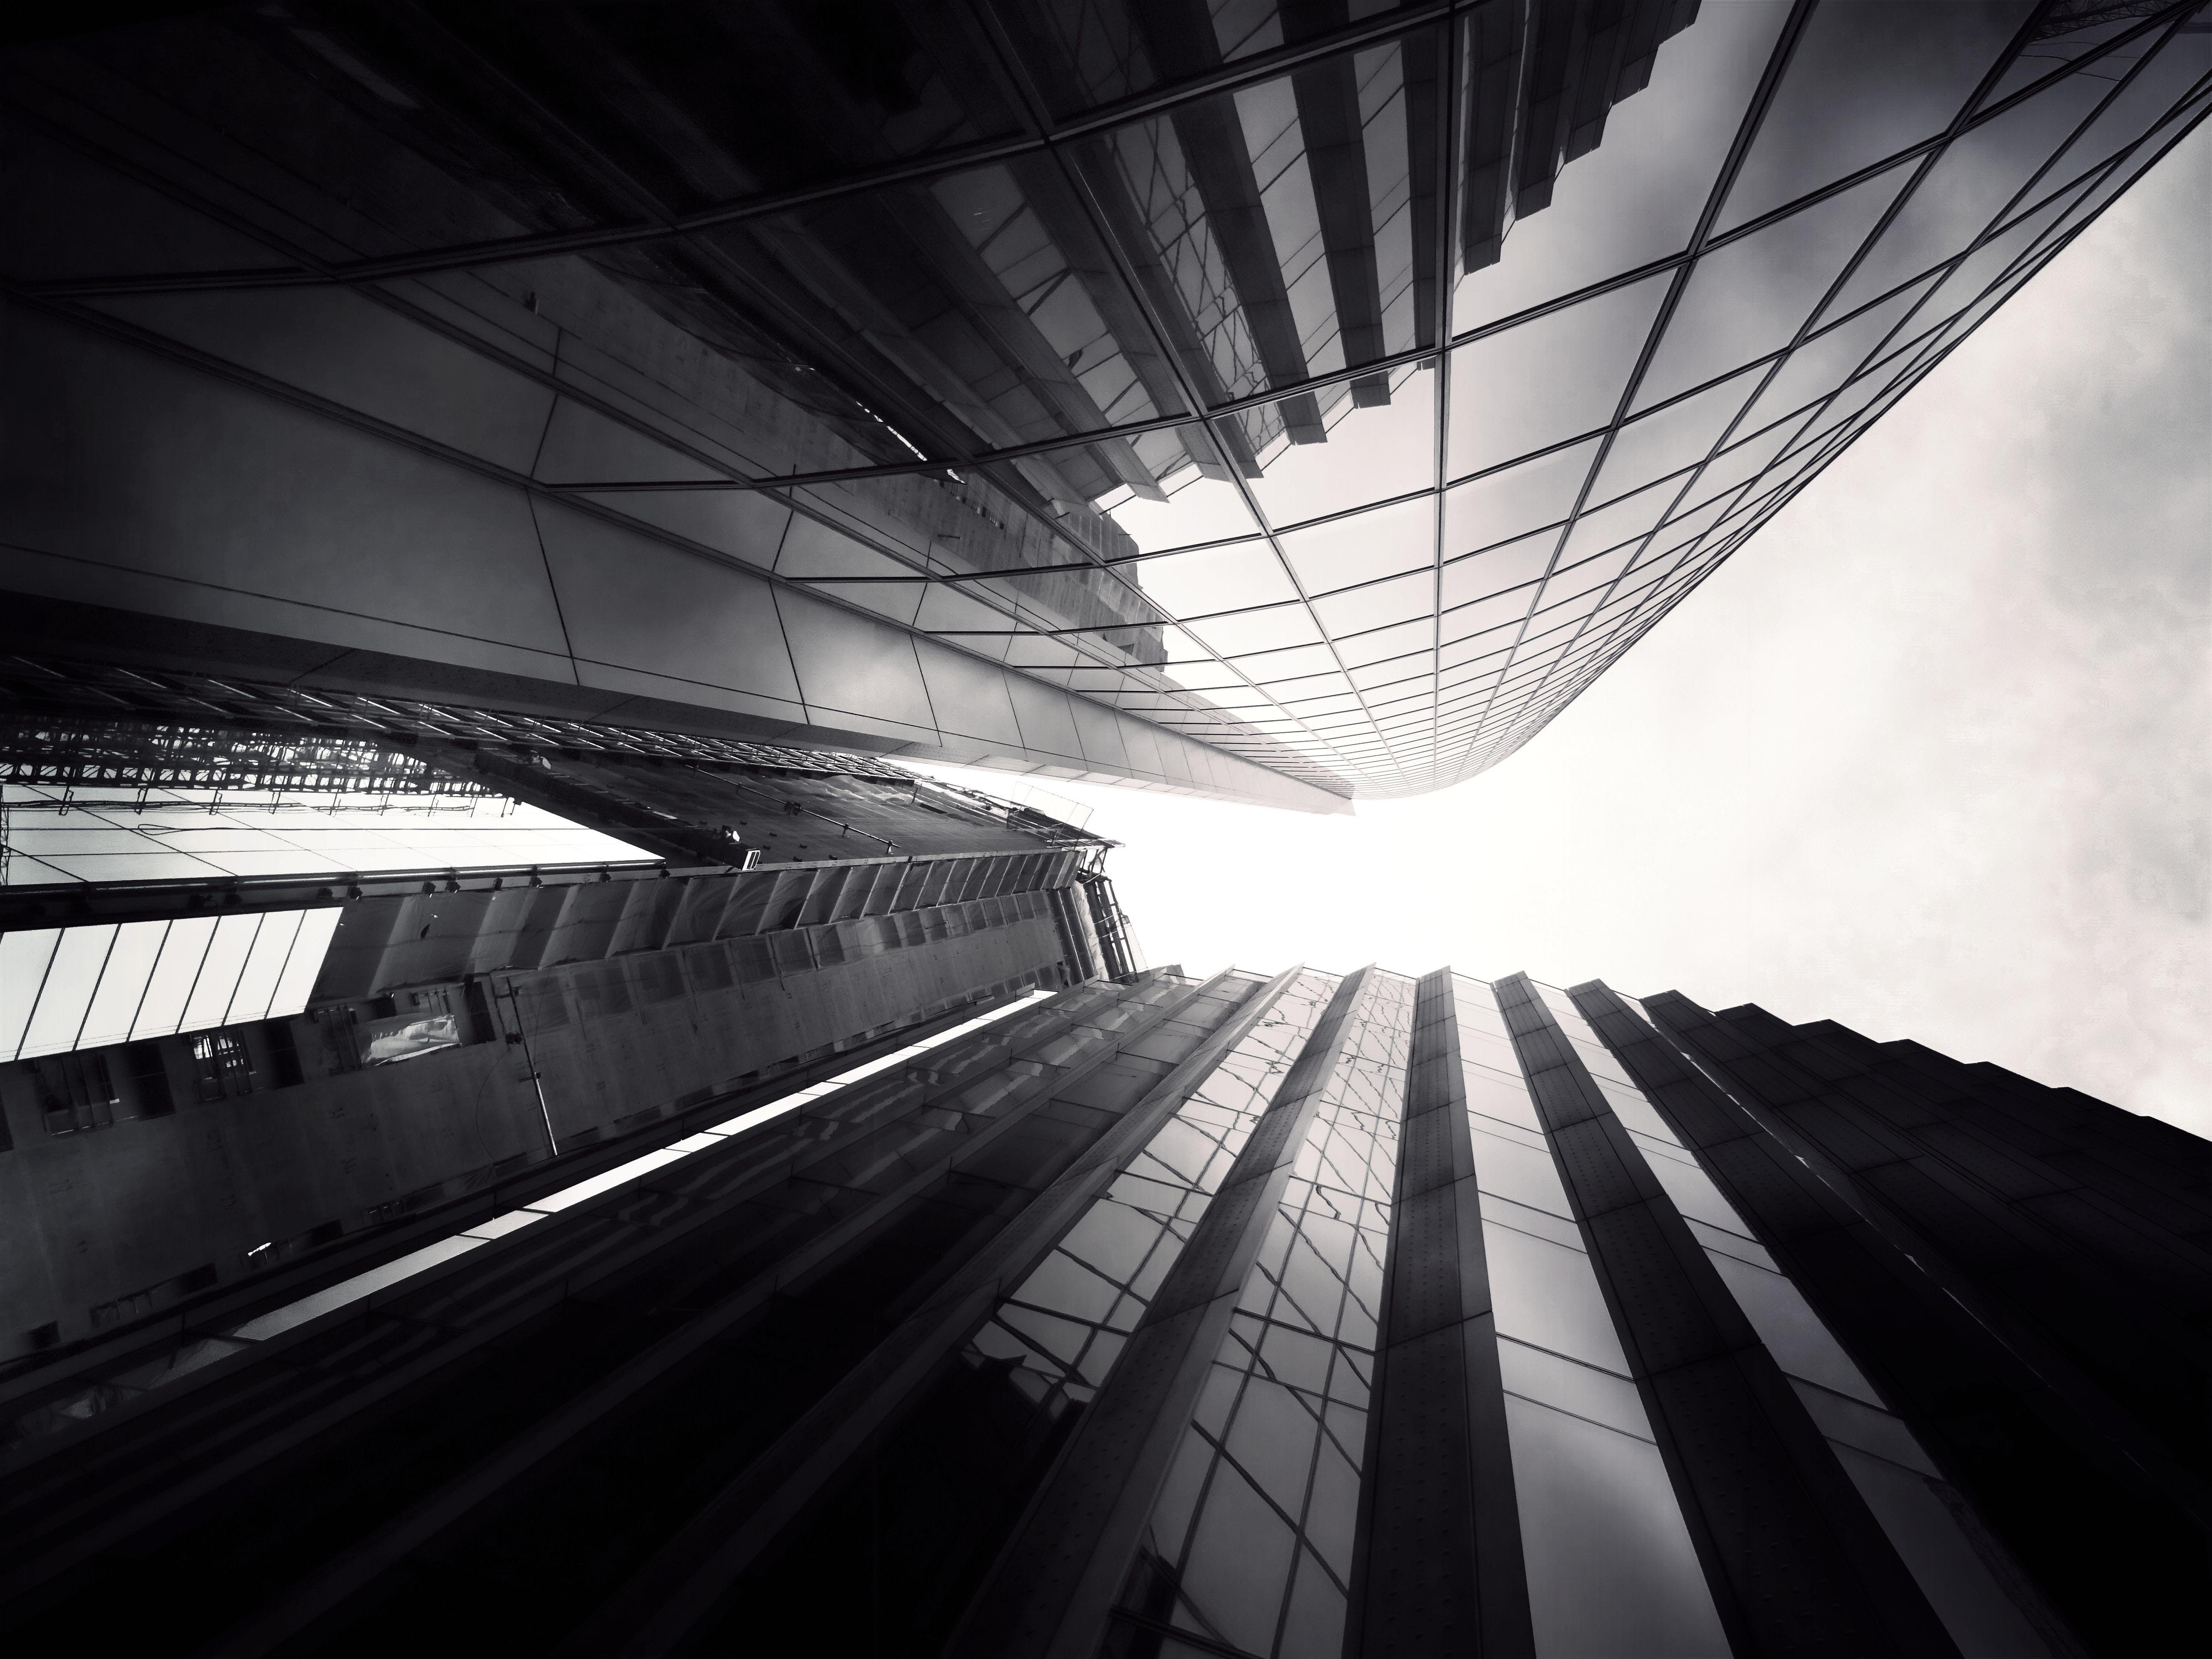 architecture, black-and-white, blur